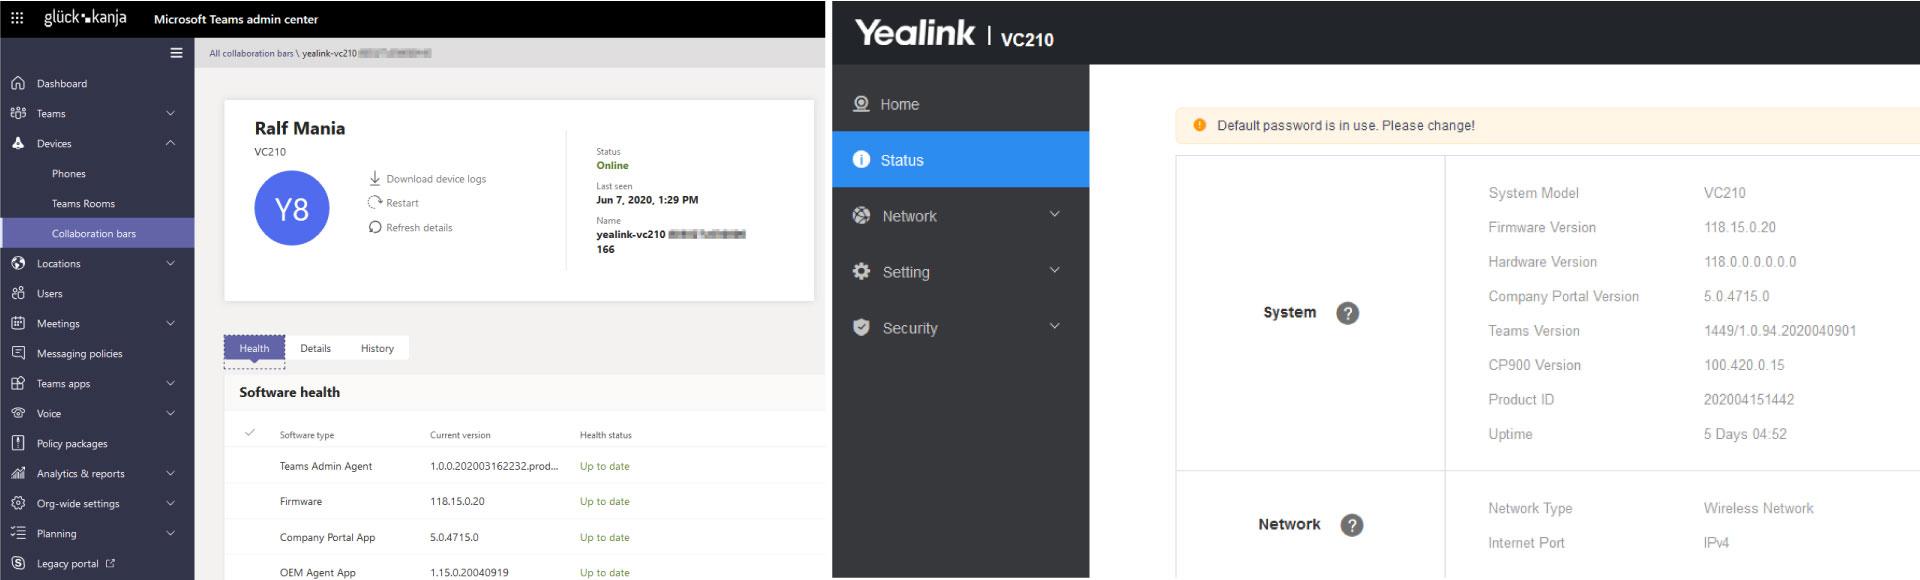 Yealink Language und Remote Control